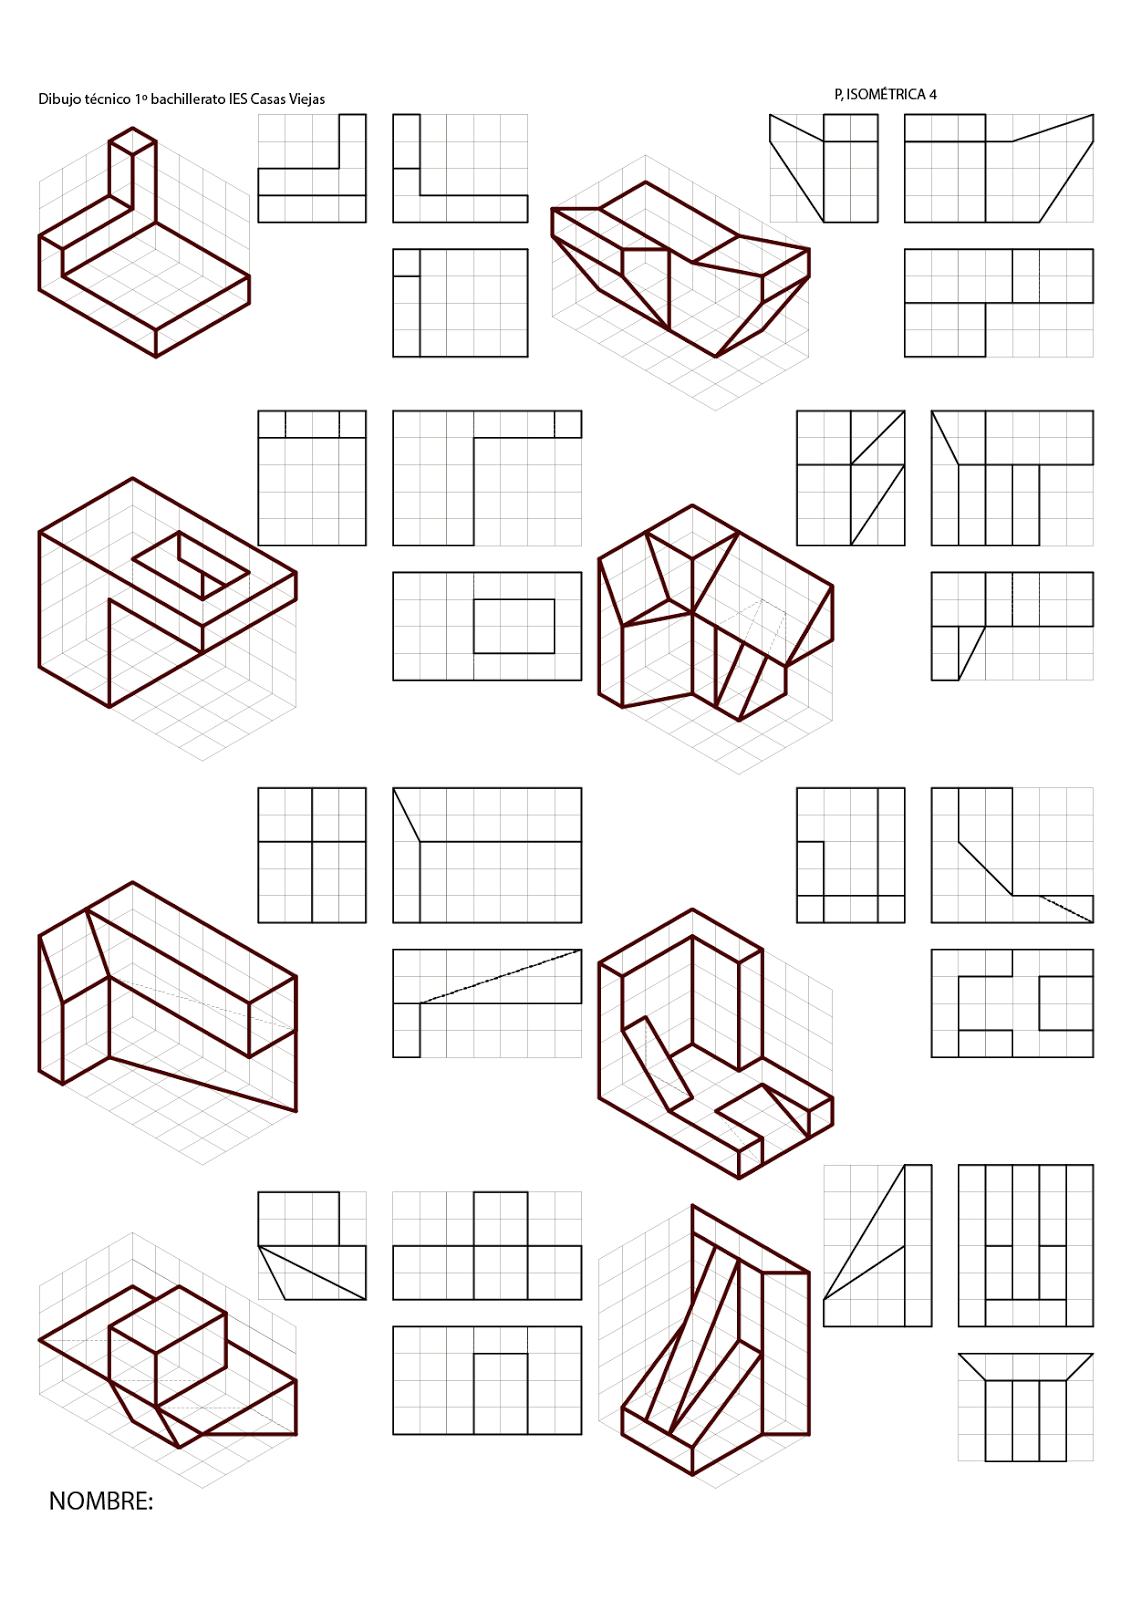 Blog Sobre Dibujo Tecnido De Bachillerato Sistema